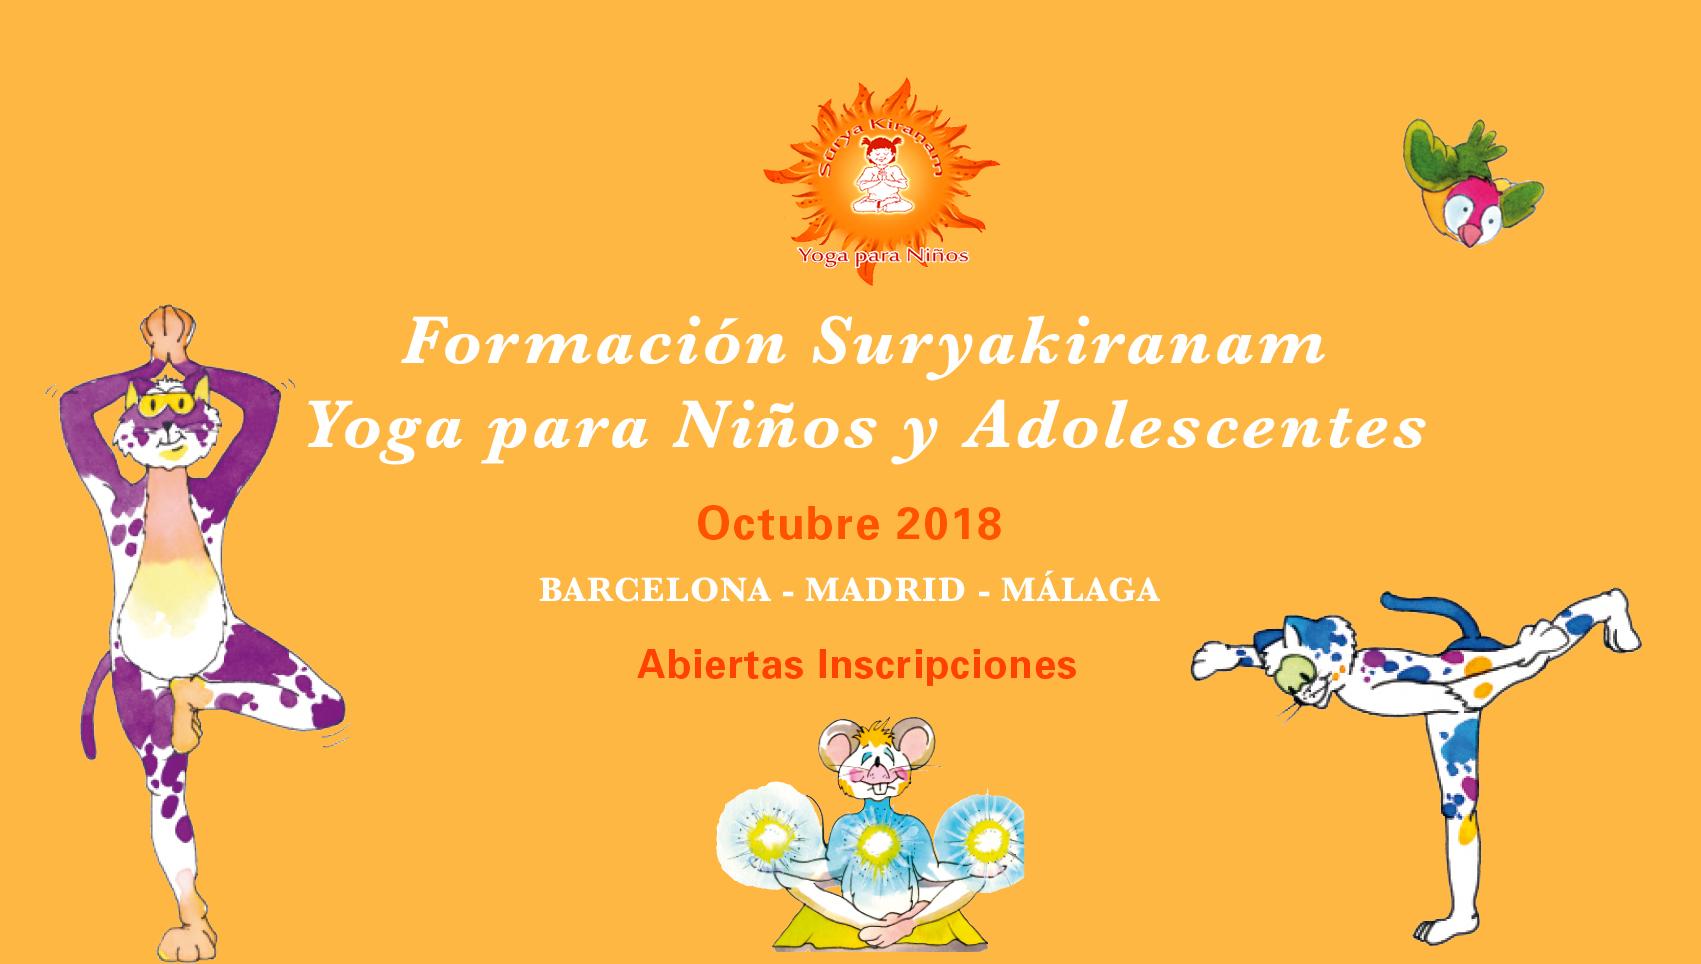 formacion metodo suryakiranam yoga para niños en barcelona madrid y malaga